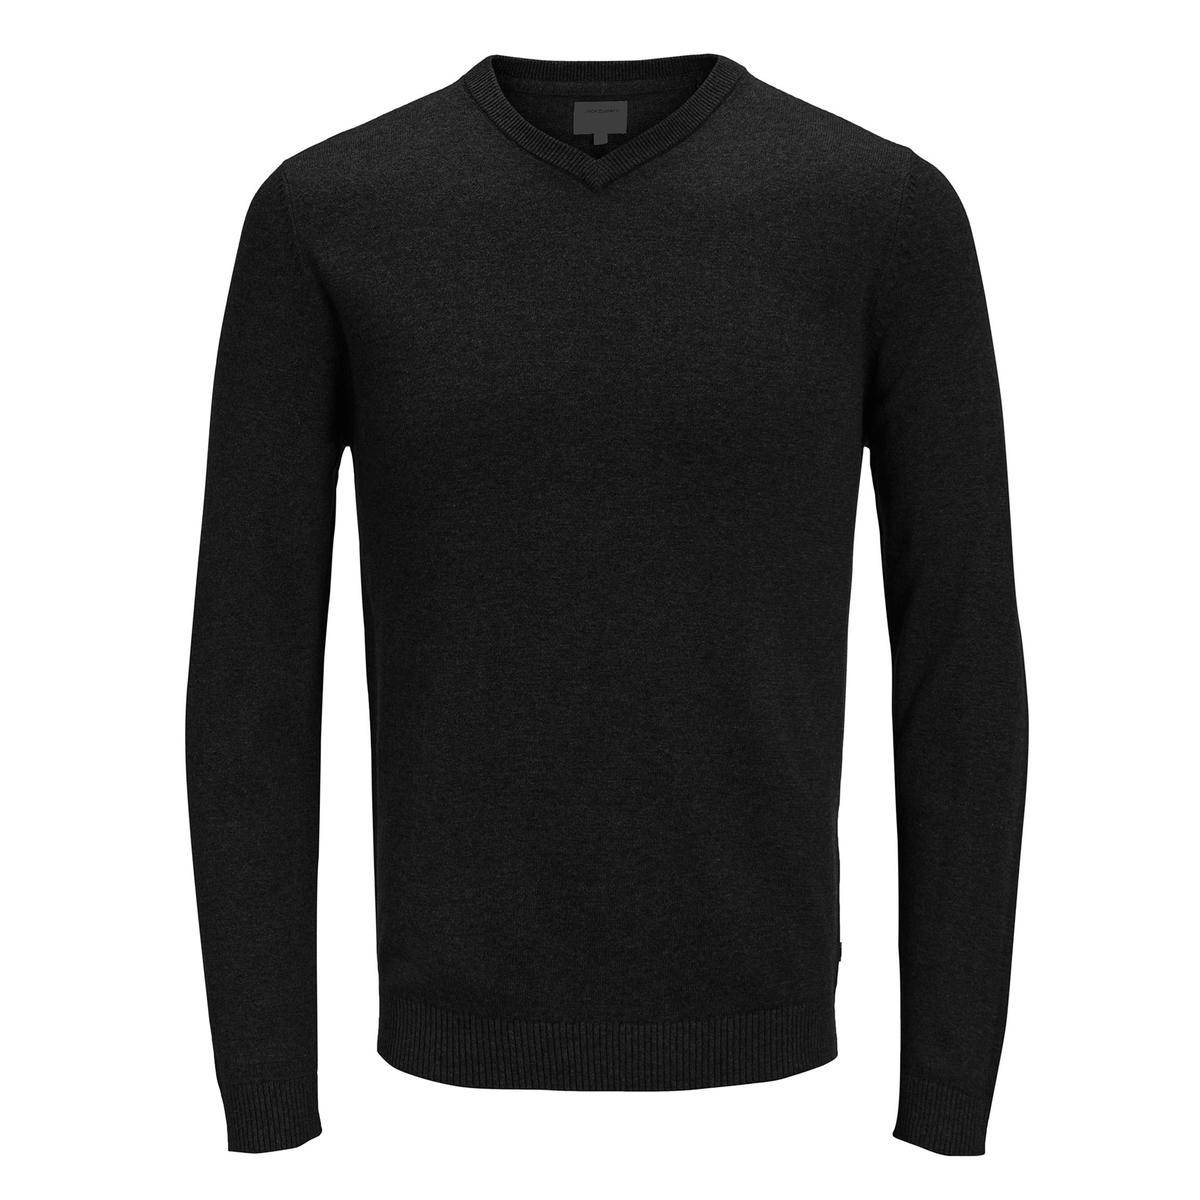 Пуловер La Redoute С V-образным вырезом из тонкого трикотажа L черный пуловер la redoute из тонкого трикотажа со шнуровкой l бежевый